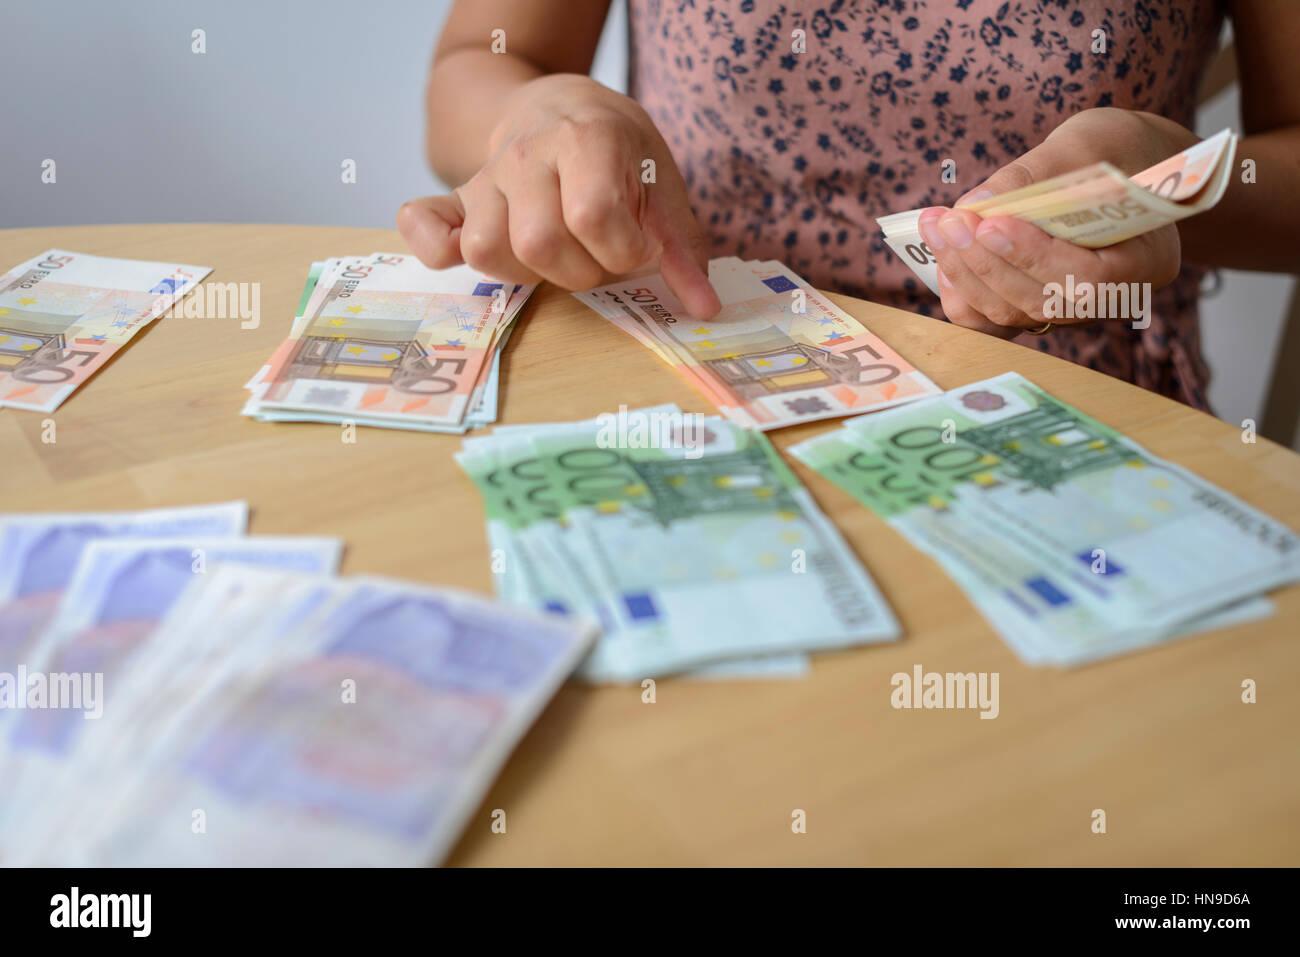 Comptage monnaie euro personne Photo Stock